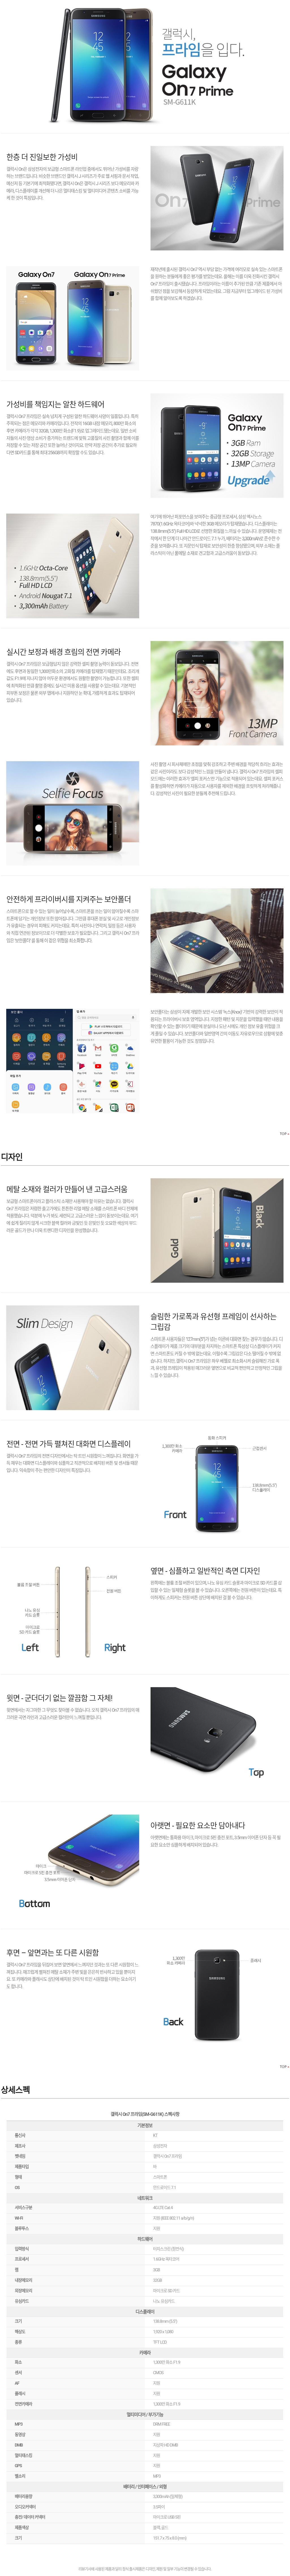 http://www.kt-mobile.com/bs/se2/imgup/1523119849g611_00.jpg